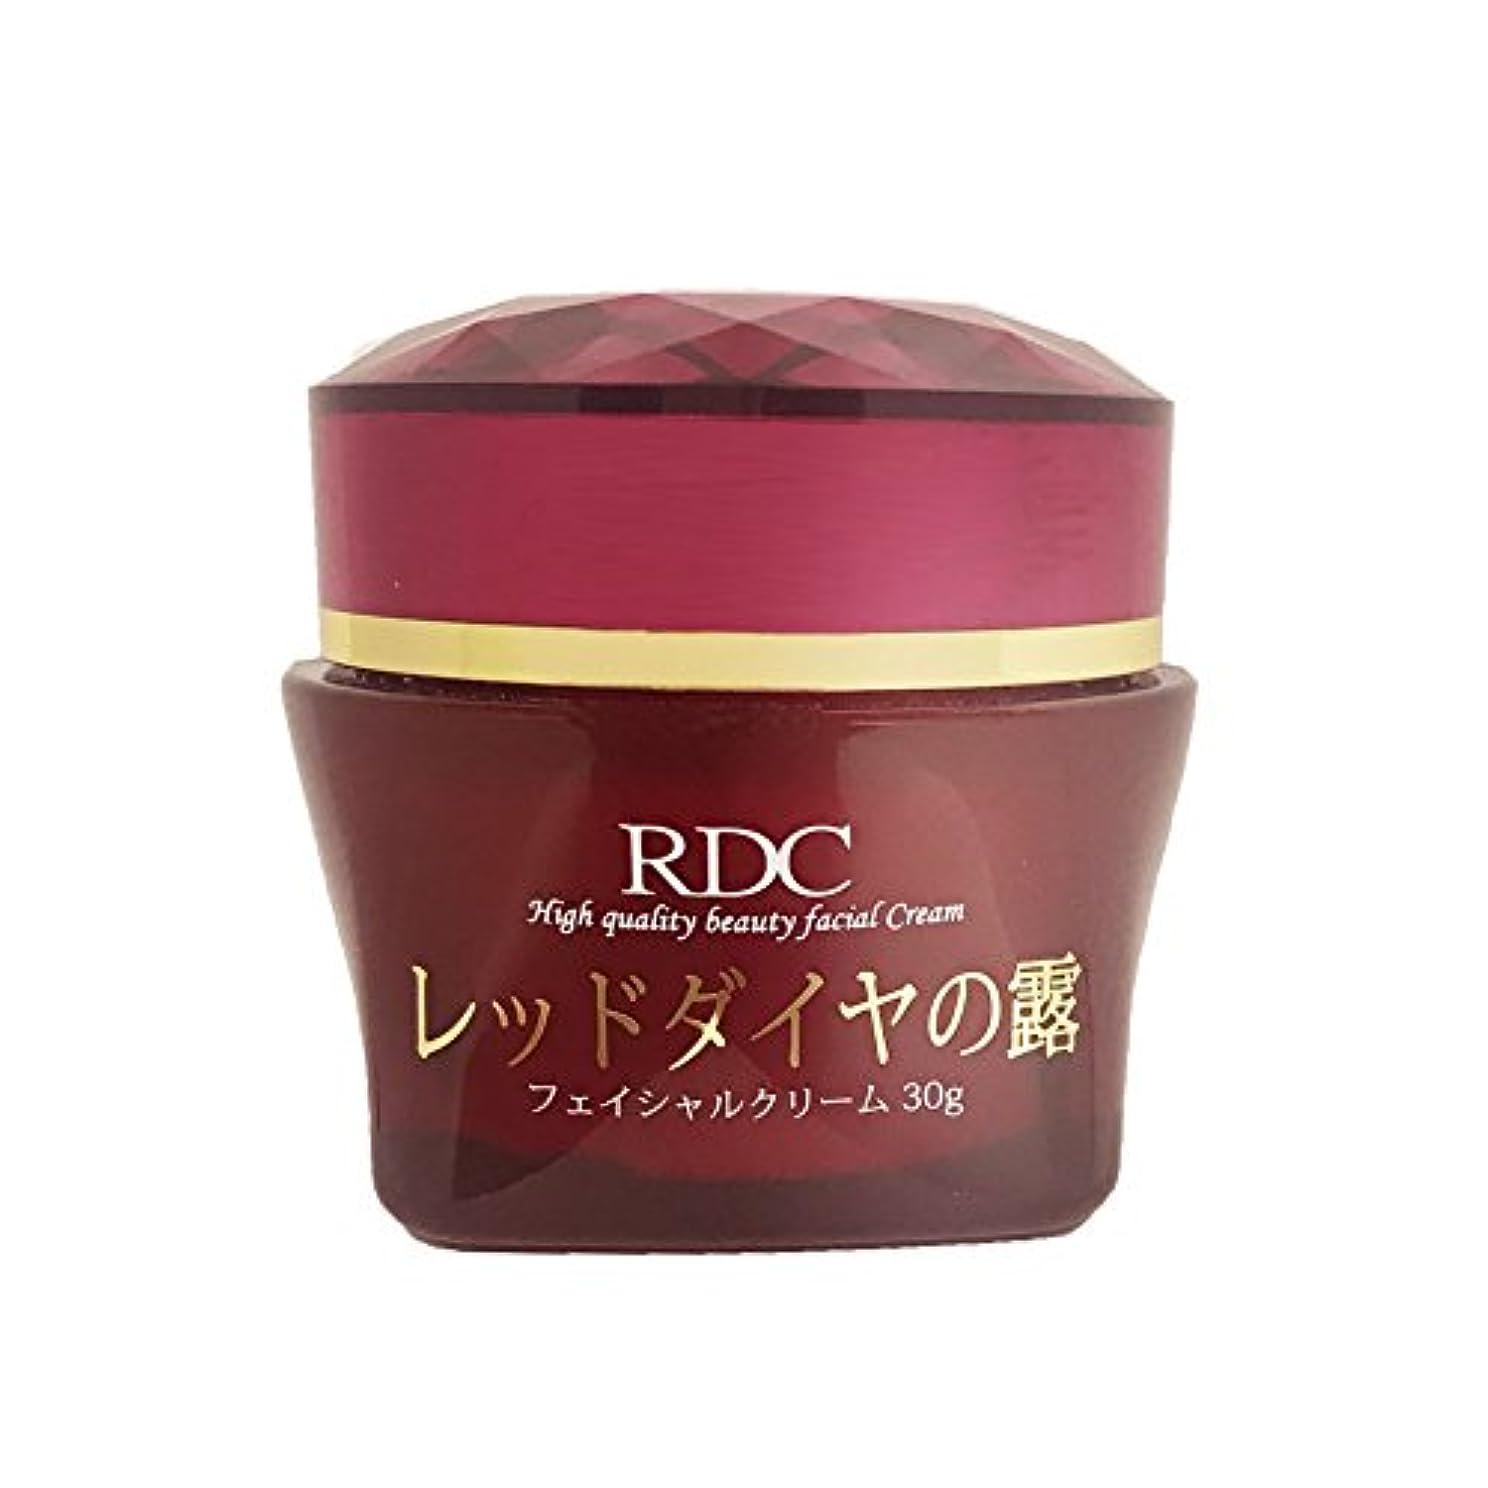 スコア側溝呼ぶレッドダイヤの露 フェイシャルクリーム 保湿乳液 日本製